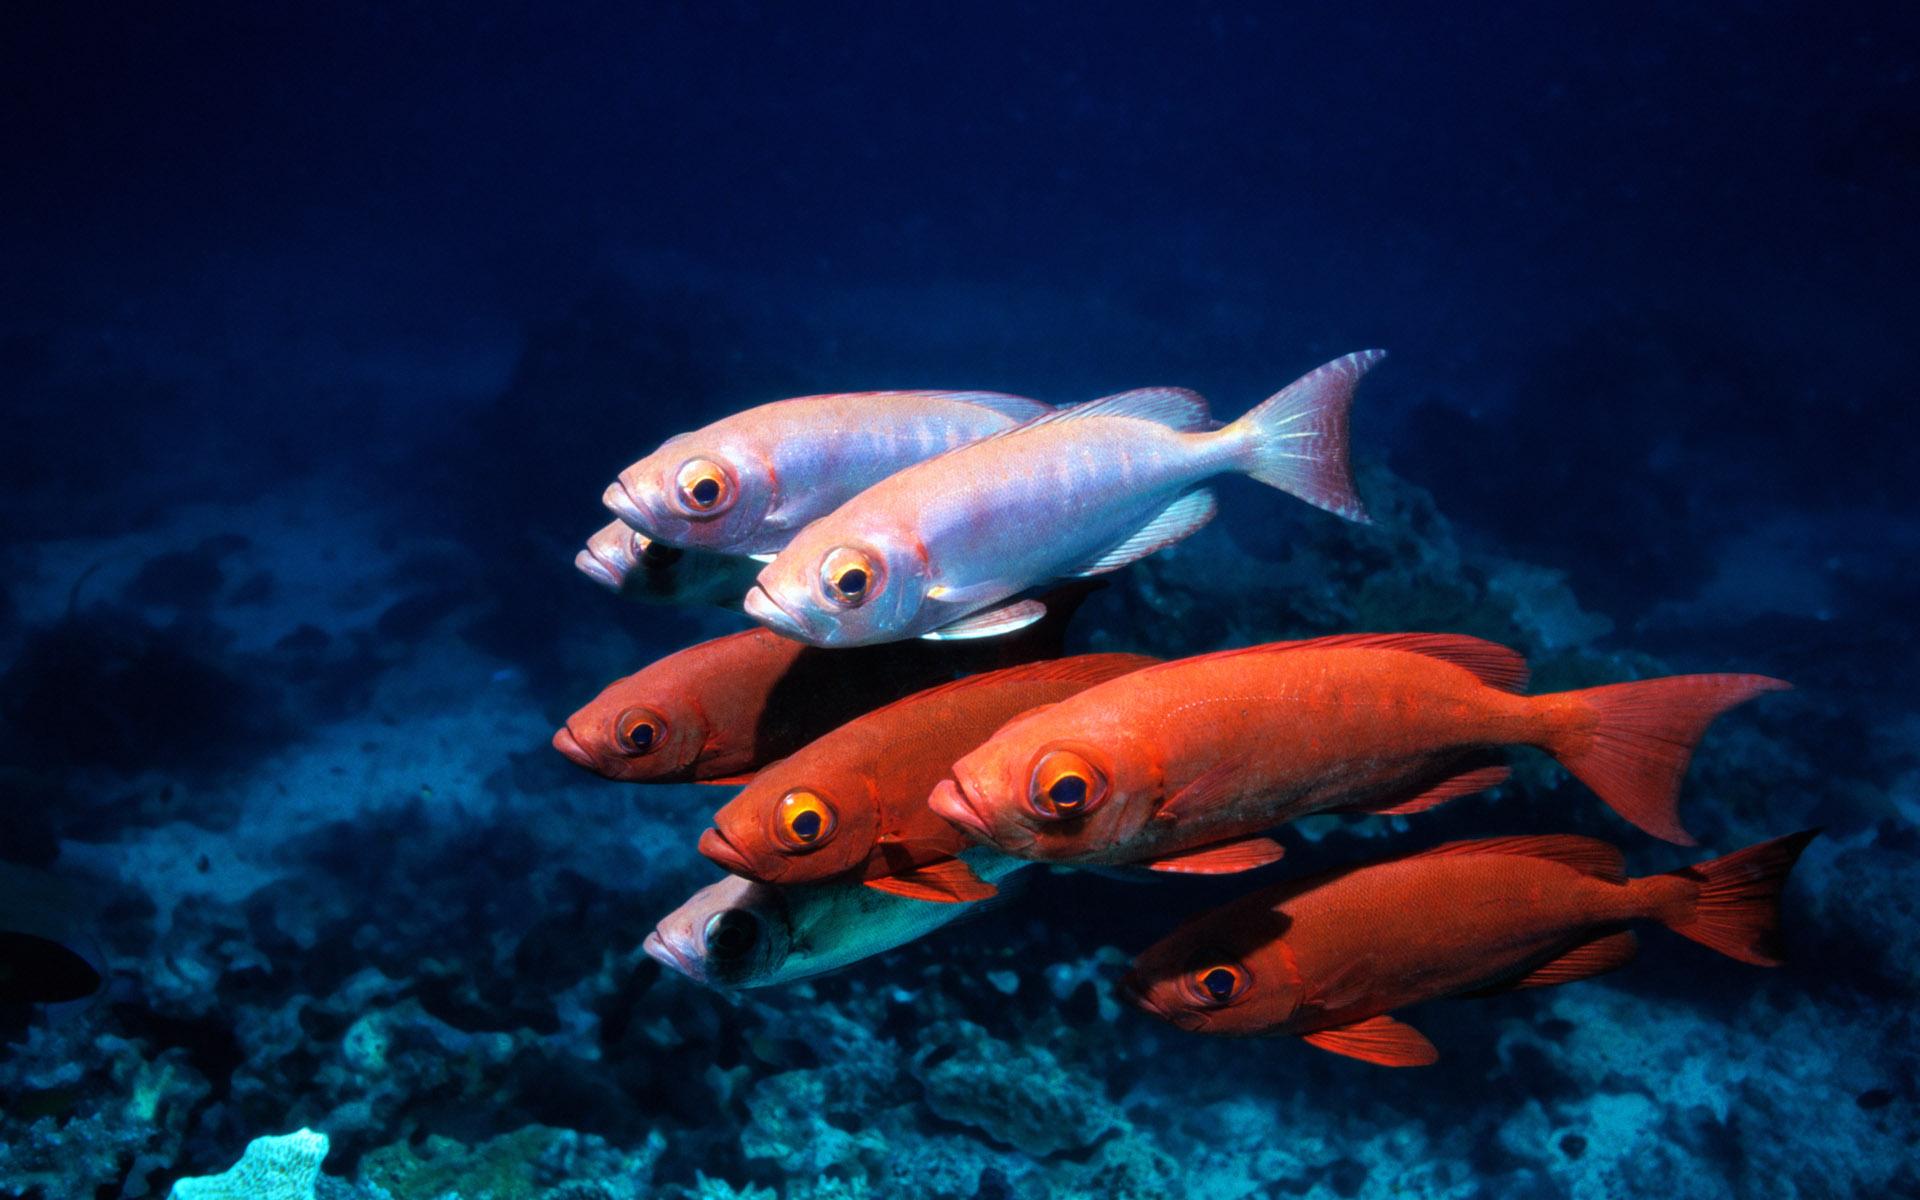 Лучшие картинки рыбы